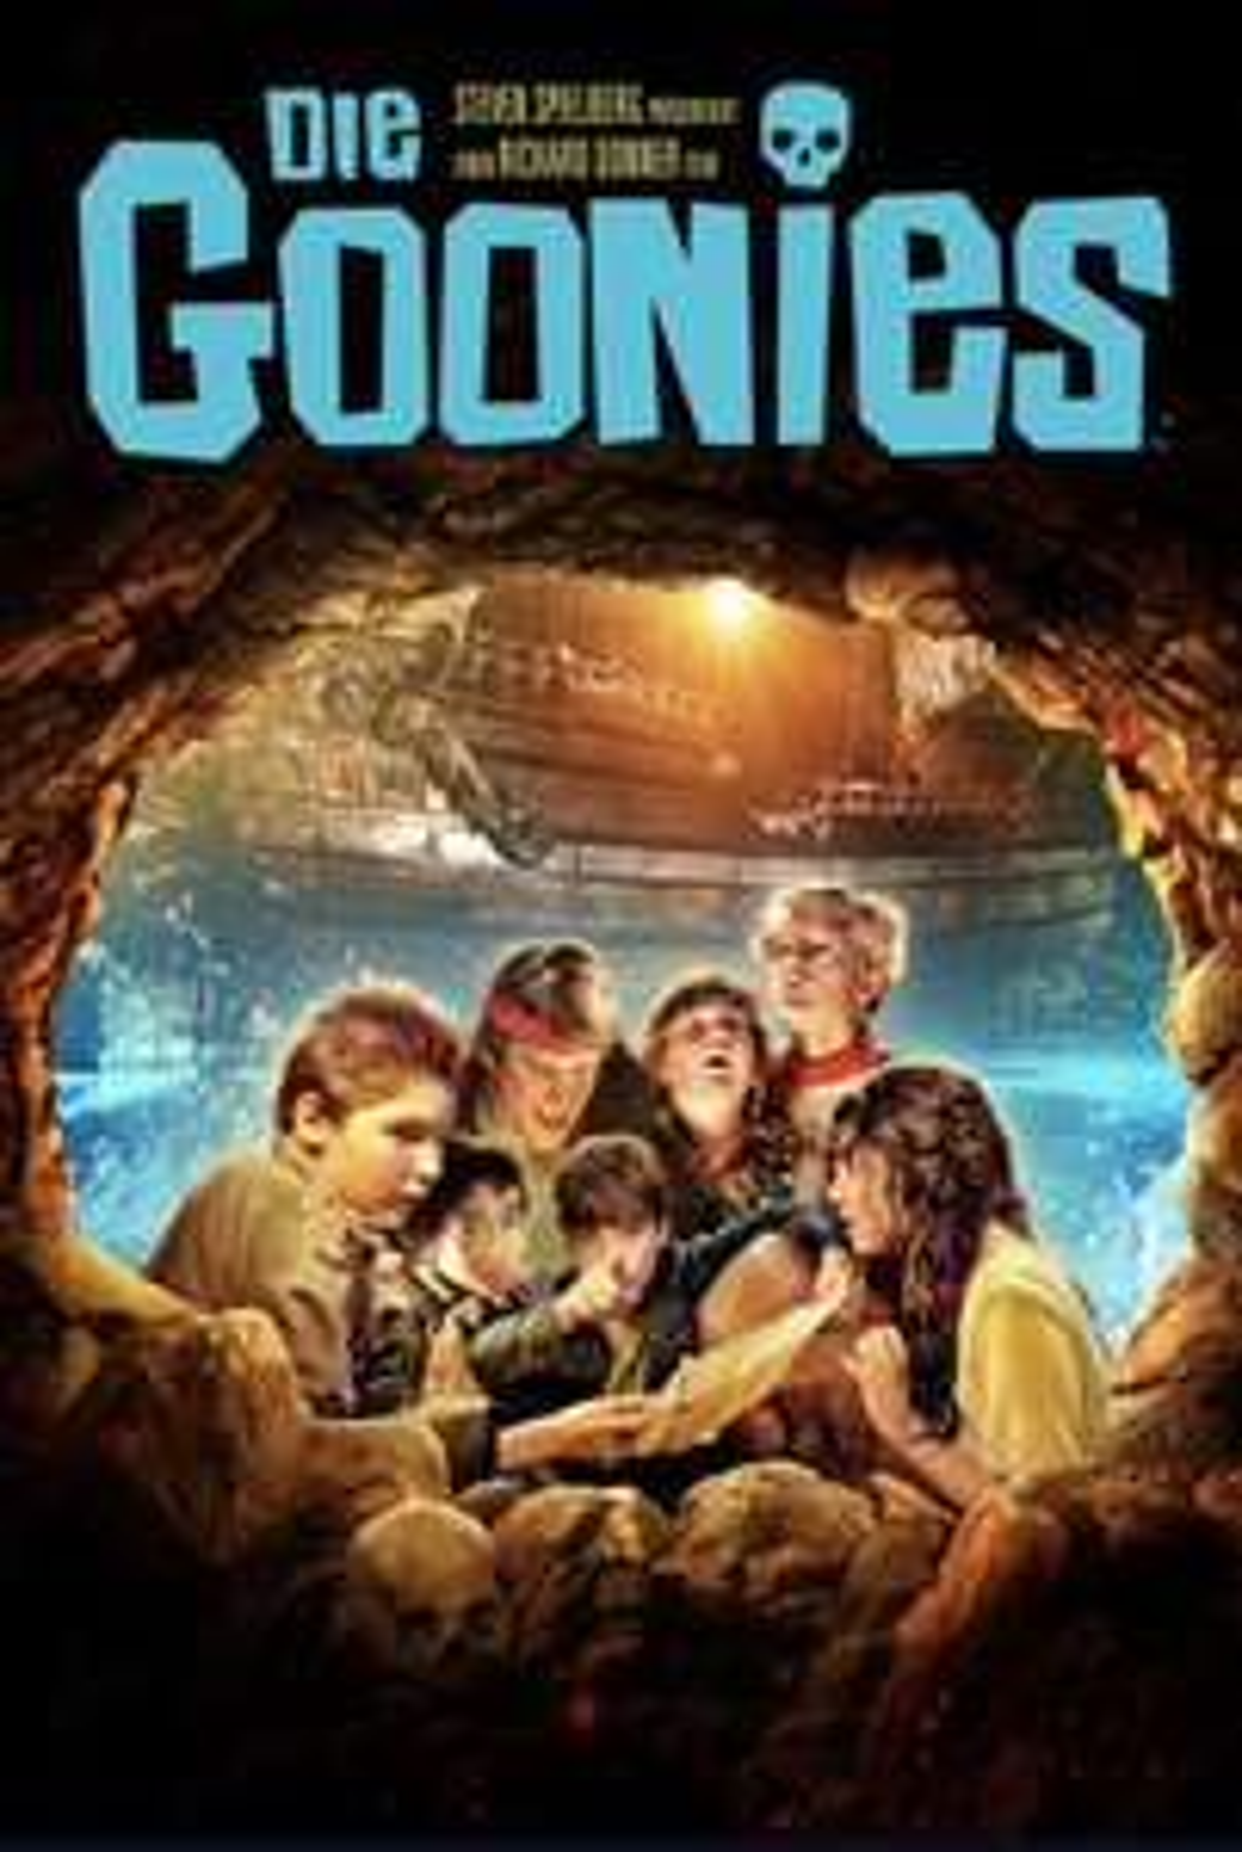 Die Goonies - iTunes 4K (5,99€) Amazon Prime HD (5,98€)